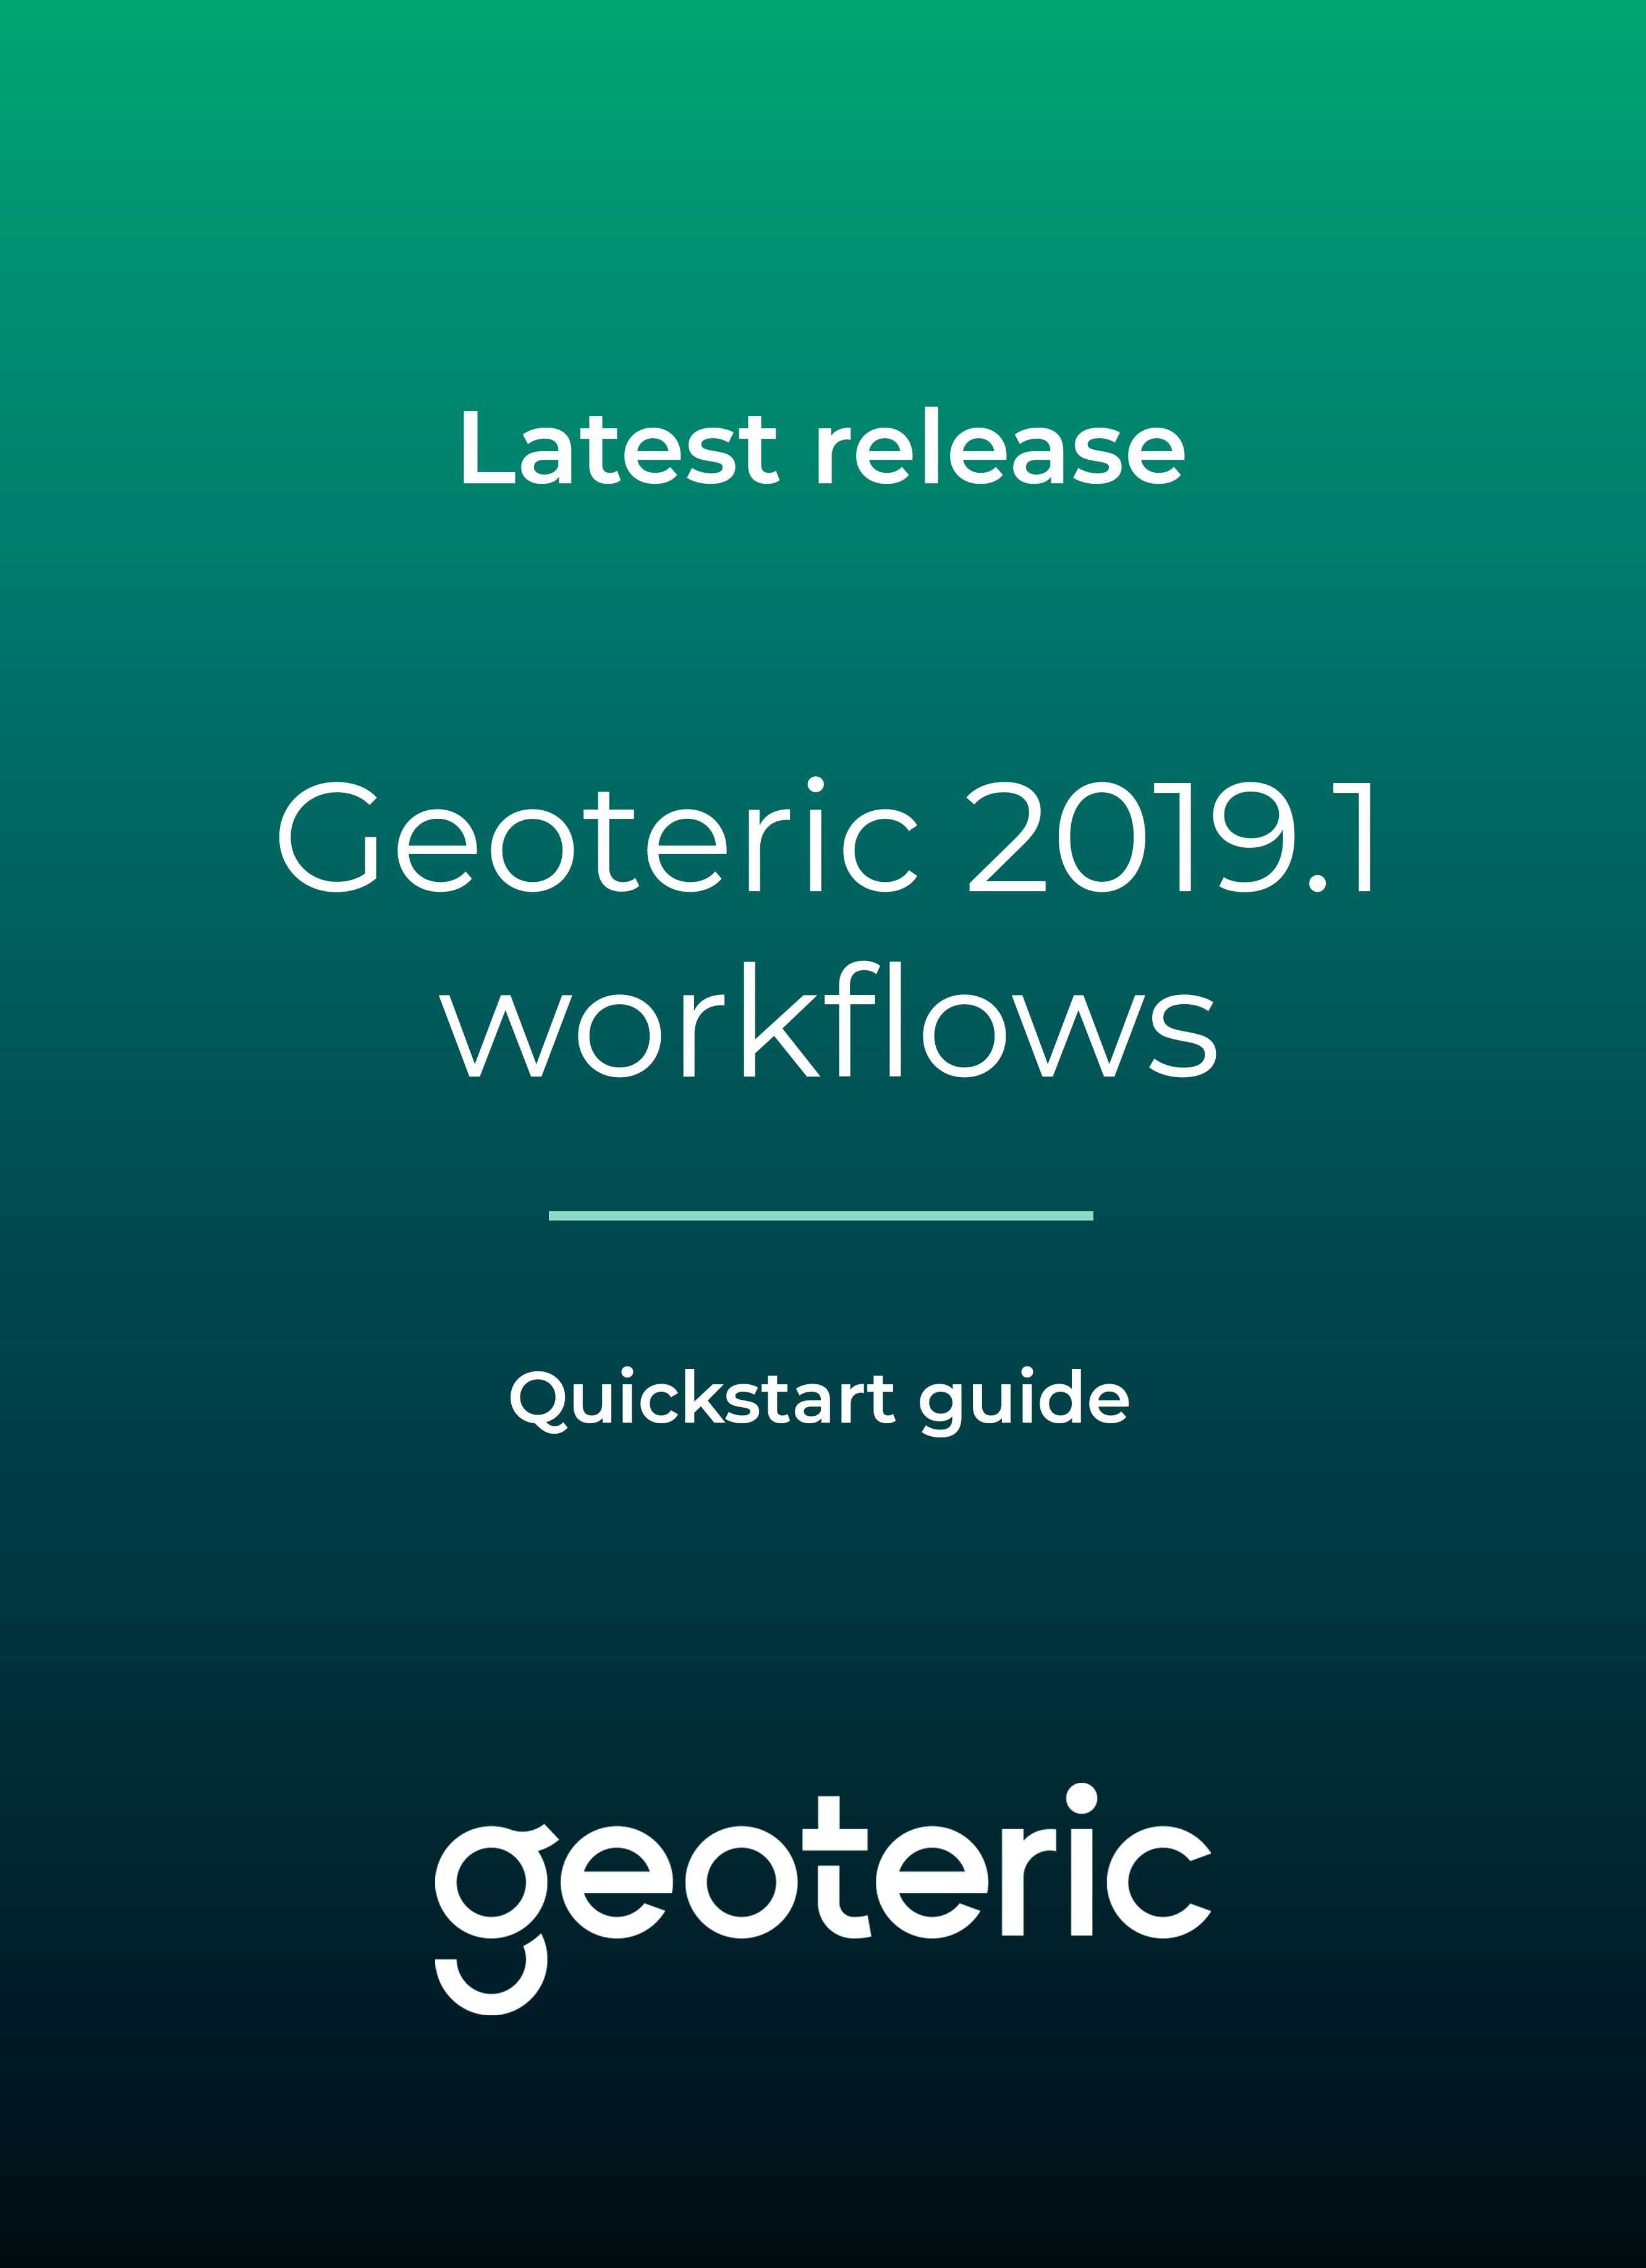 2019.1 user guide